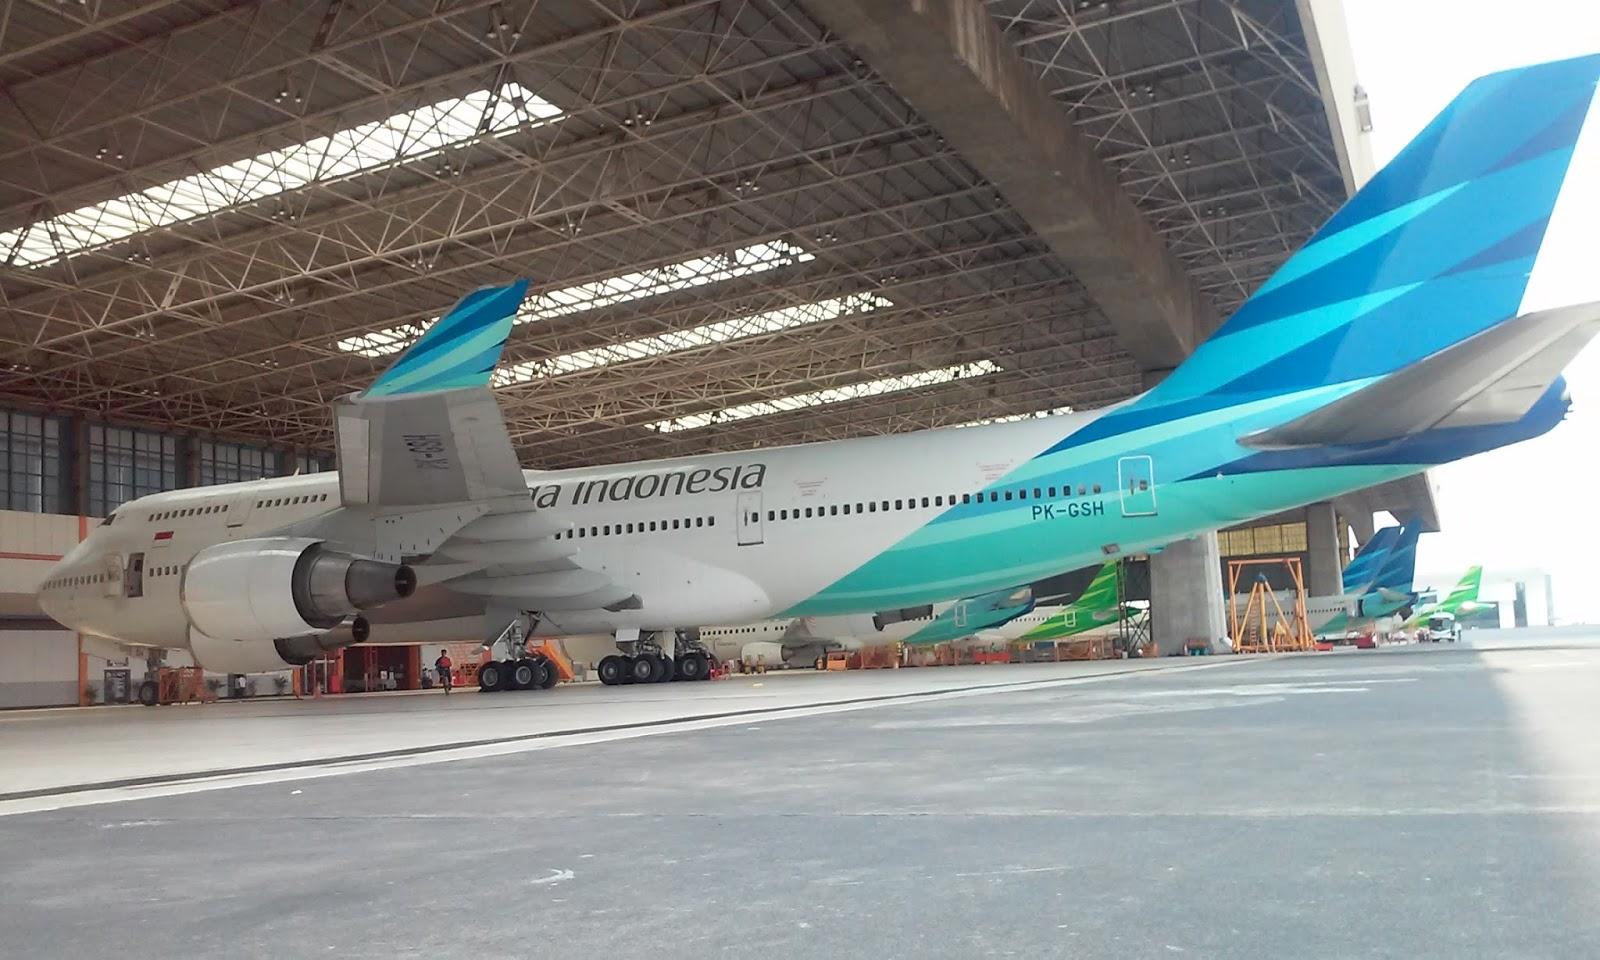 Lowongan Kerja Terbaru PT.Garuda Indonesia 2017